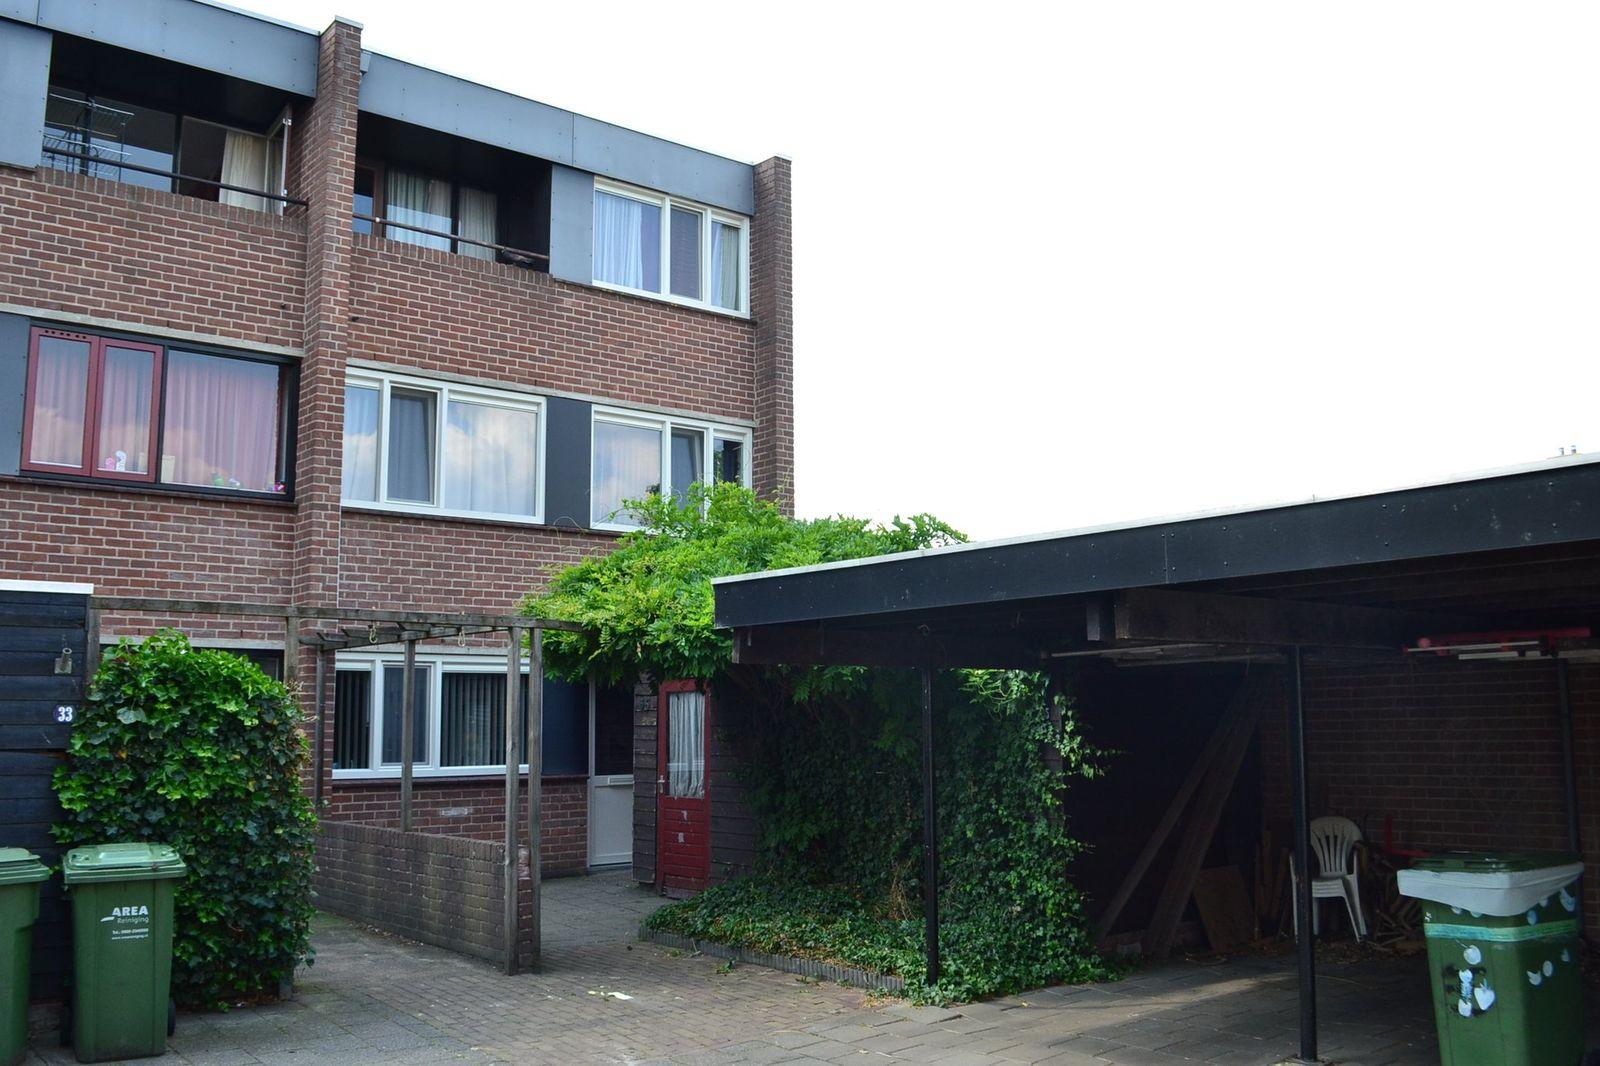 Tamboerlaan 35, Hoogeveen